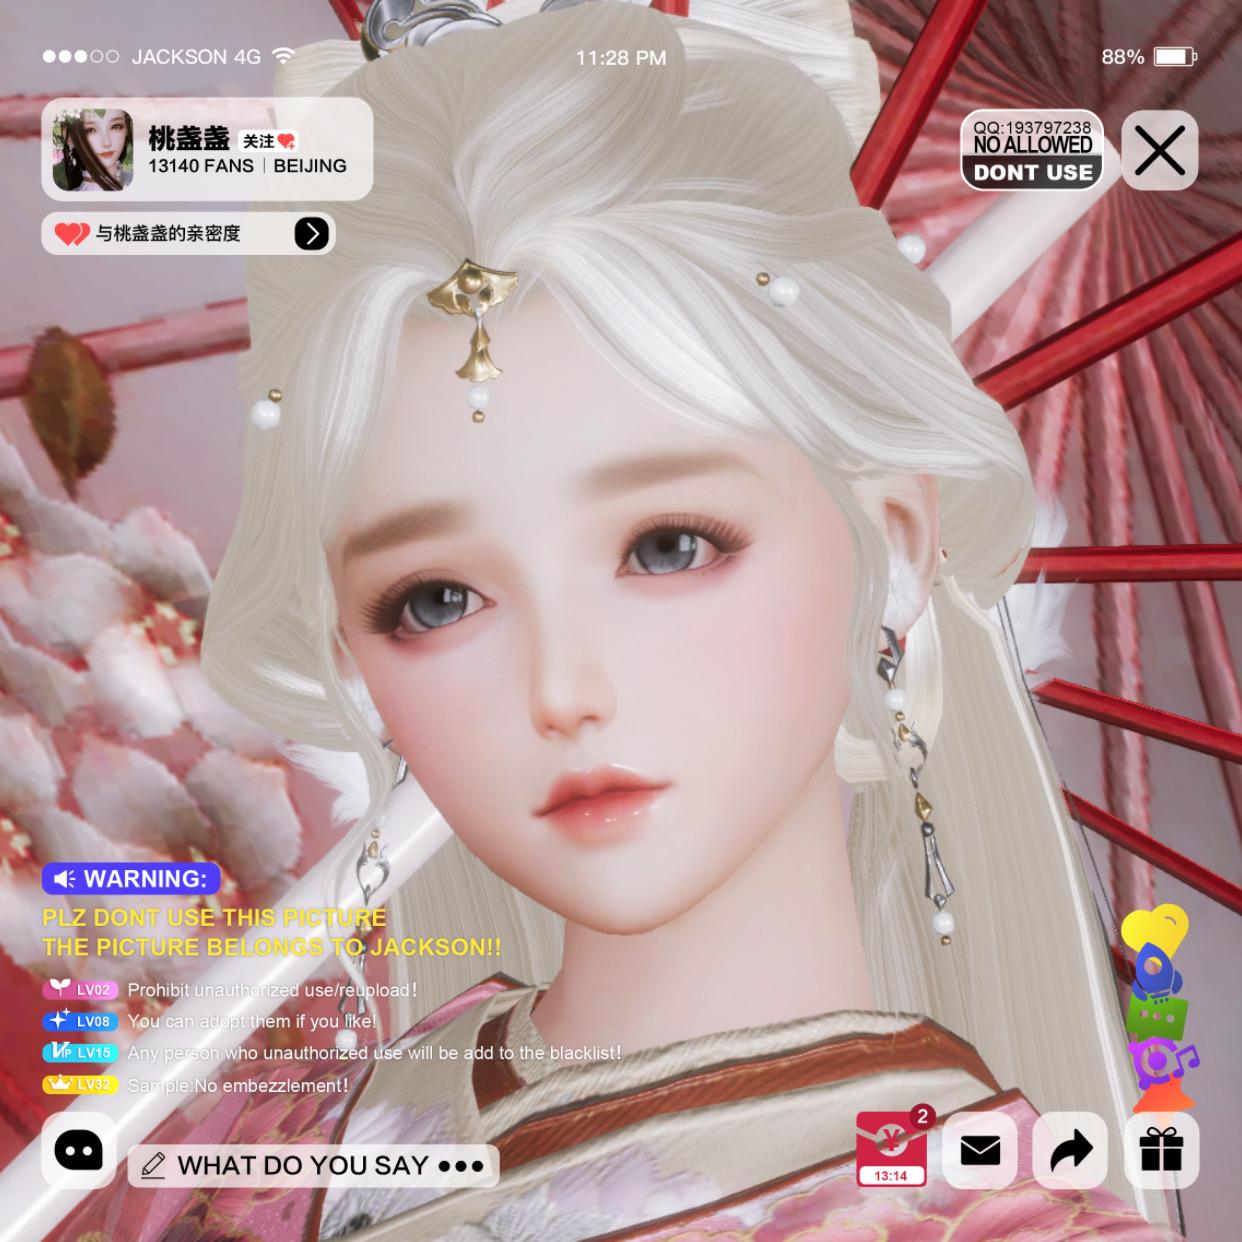 【桃の三つの指で顔を挟む】【hanaちゃん】リメイク版の剣網3割の女性が顔を挟む可愛い少女を新たに作ることができます。